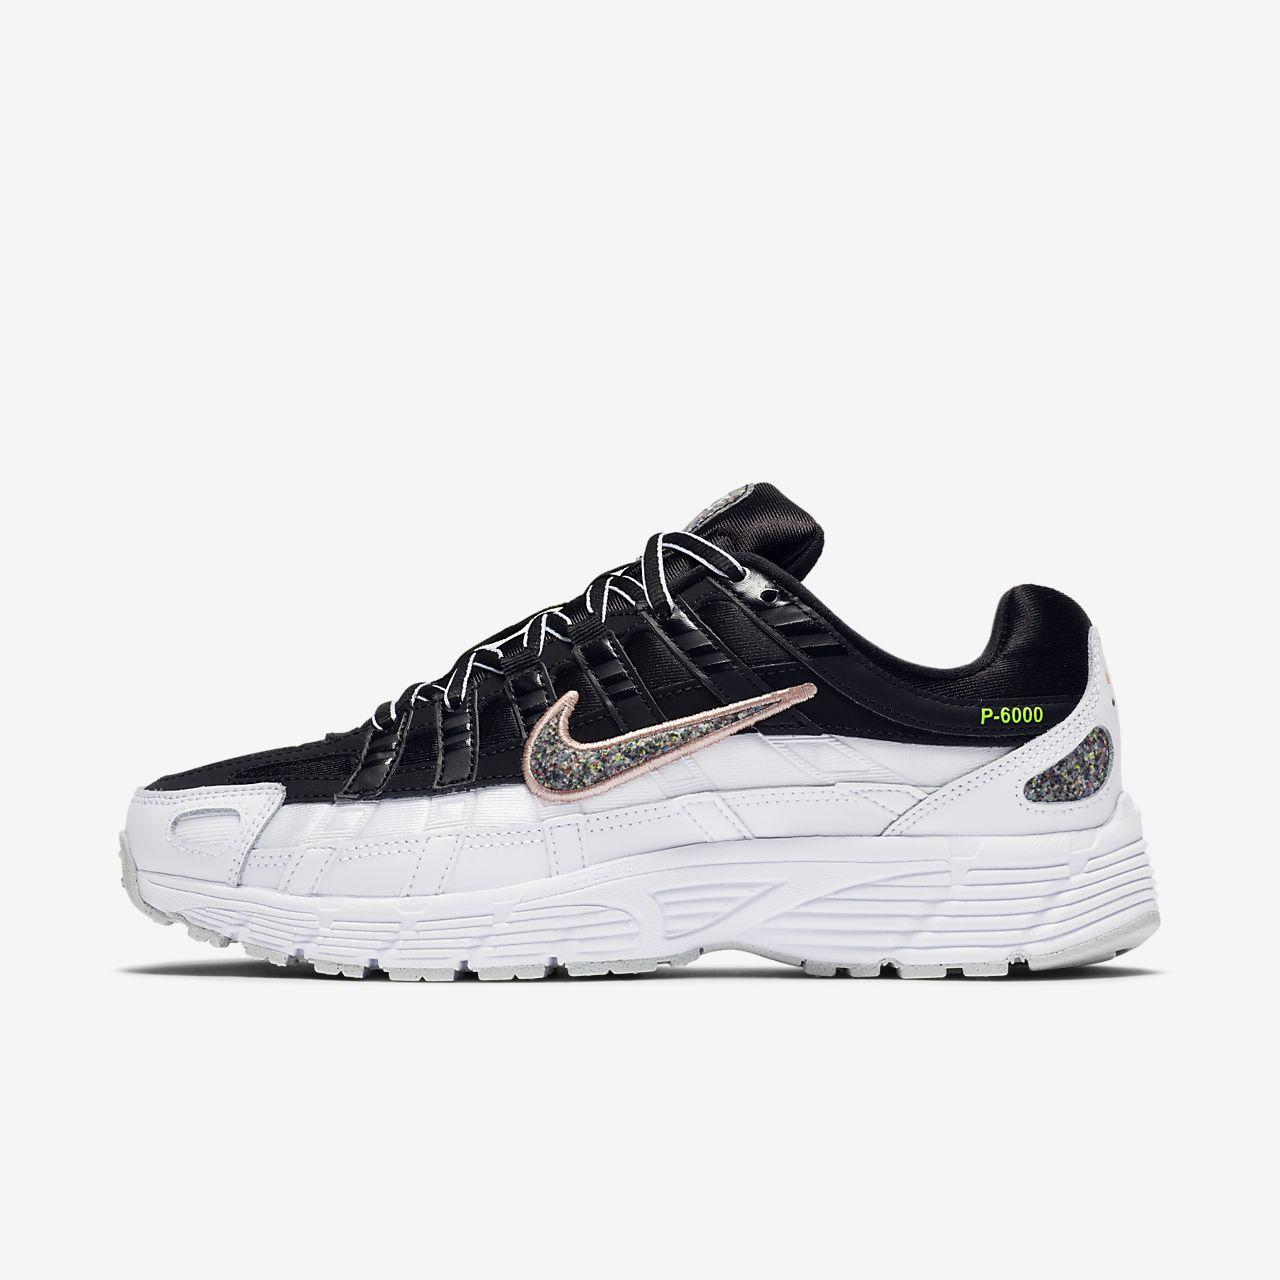 Nike P 6000 SE sko til dame